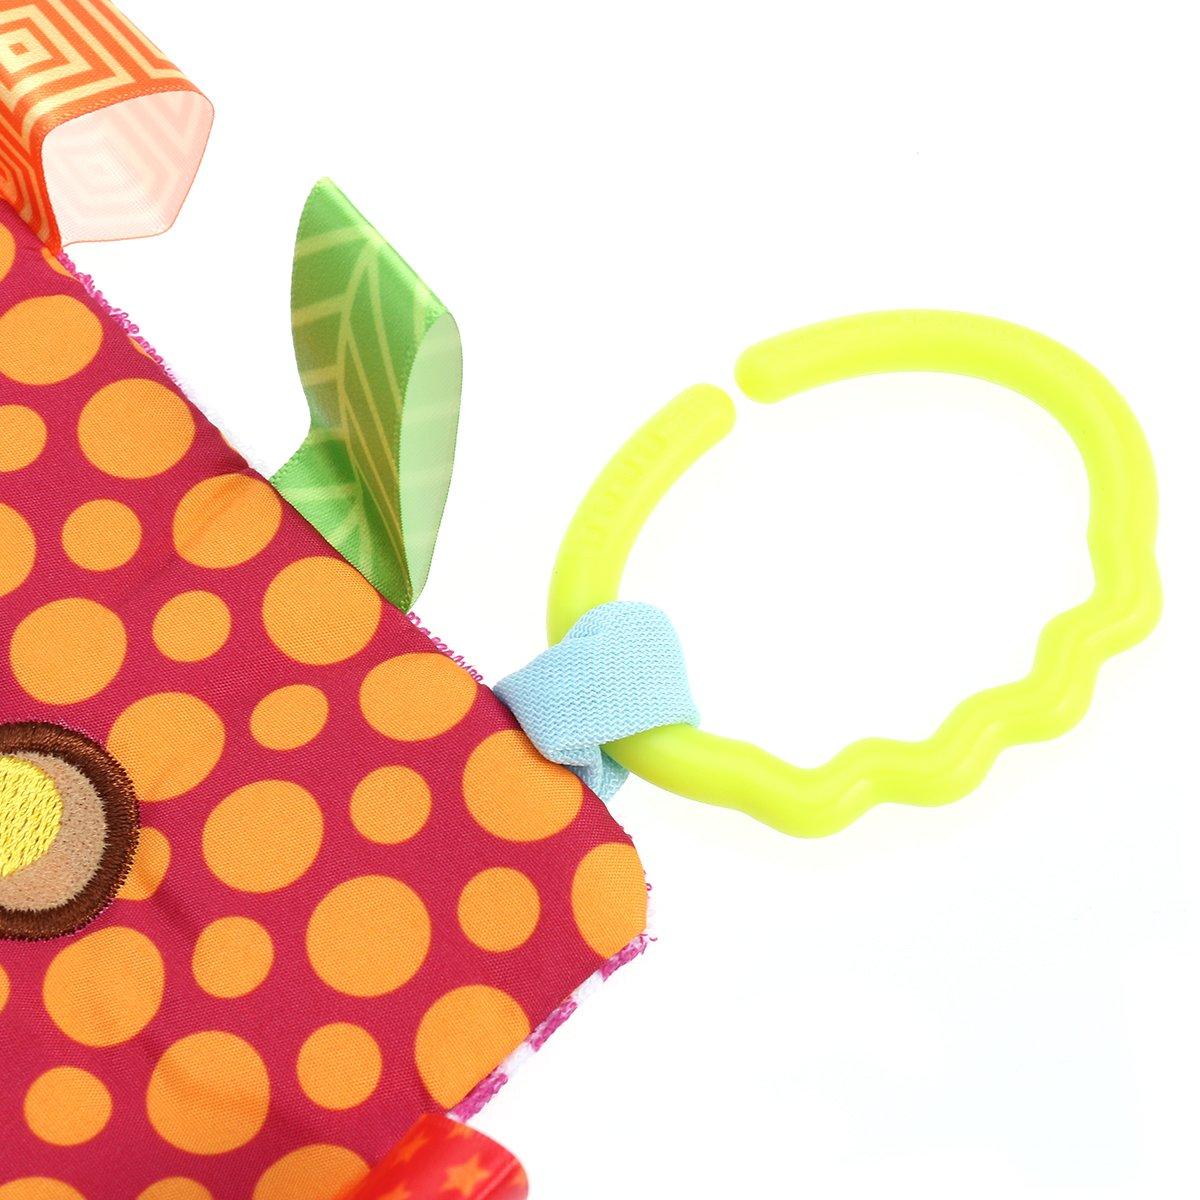 Mariposa Manta de Seguridad para Bebes TOYMYTOY Juguetes Blandos con Sonajero para Ni/ños